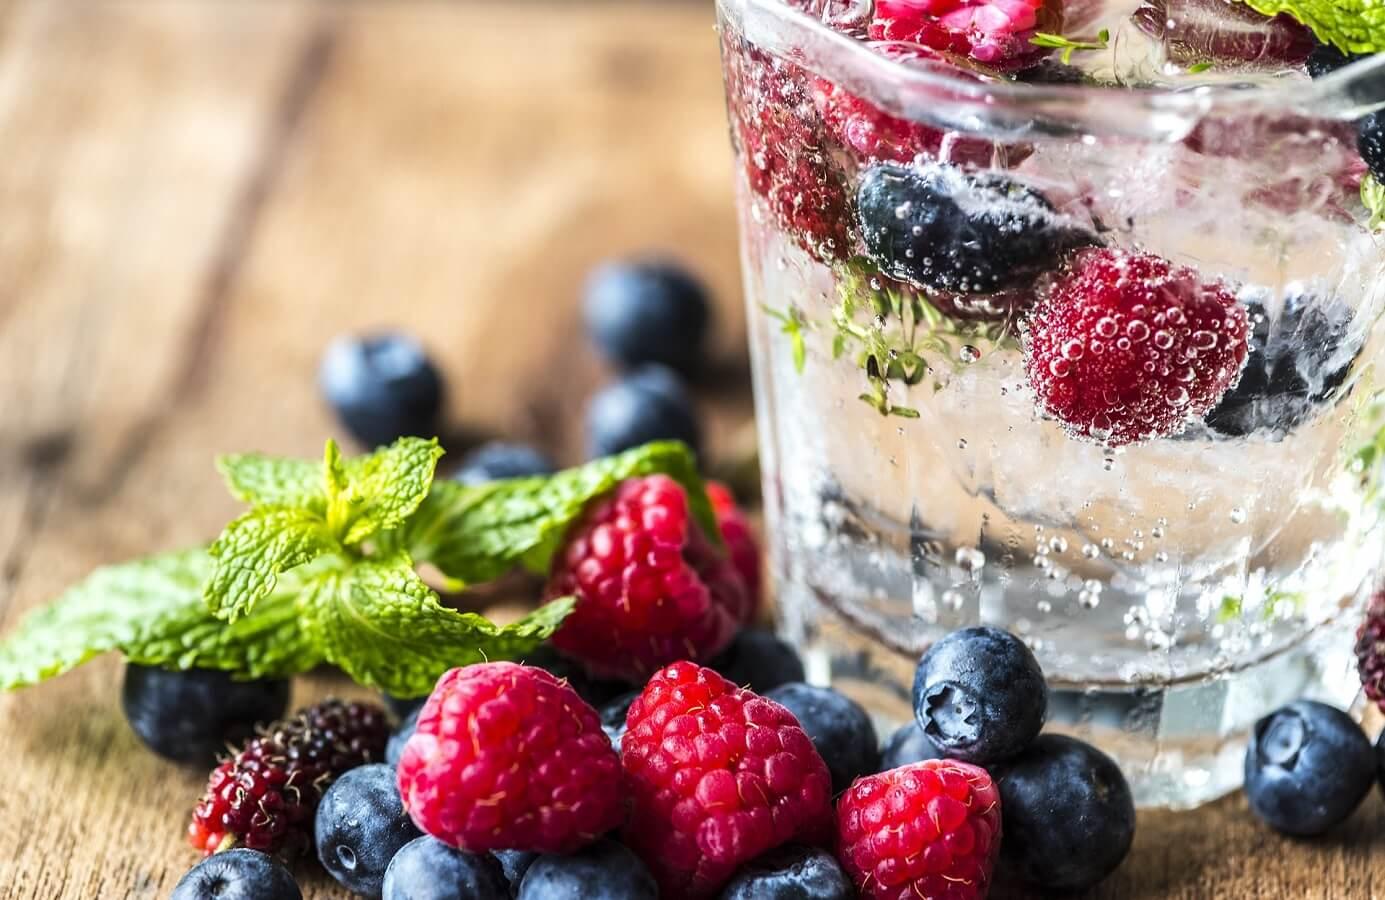 Importanza dell'acqua per cucinare: va bene quella del rubinetto?